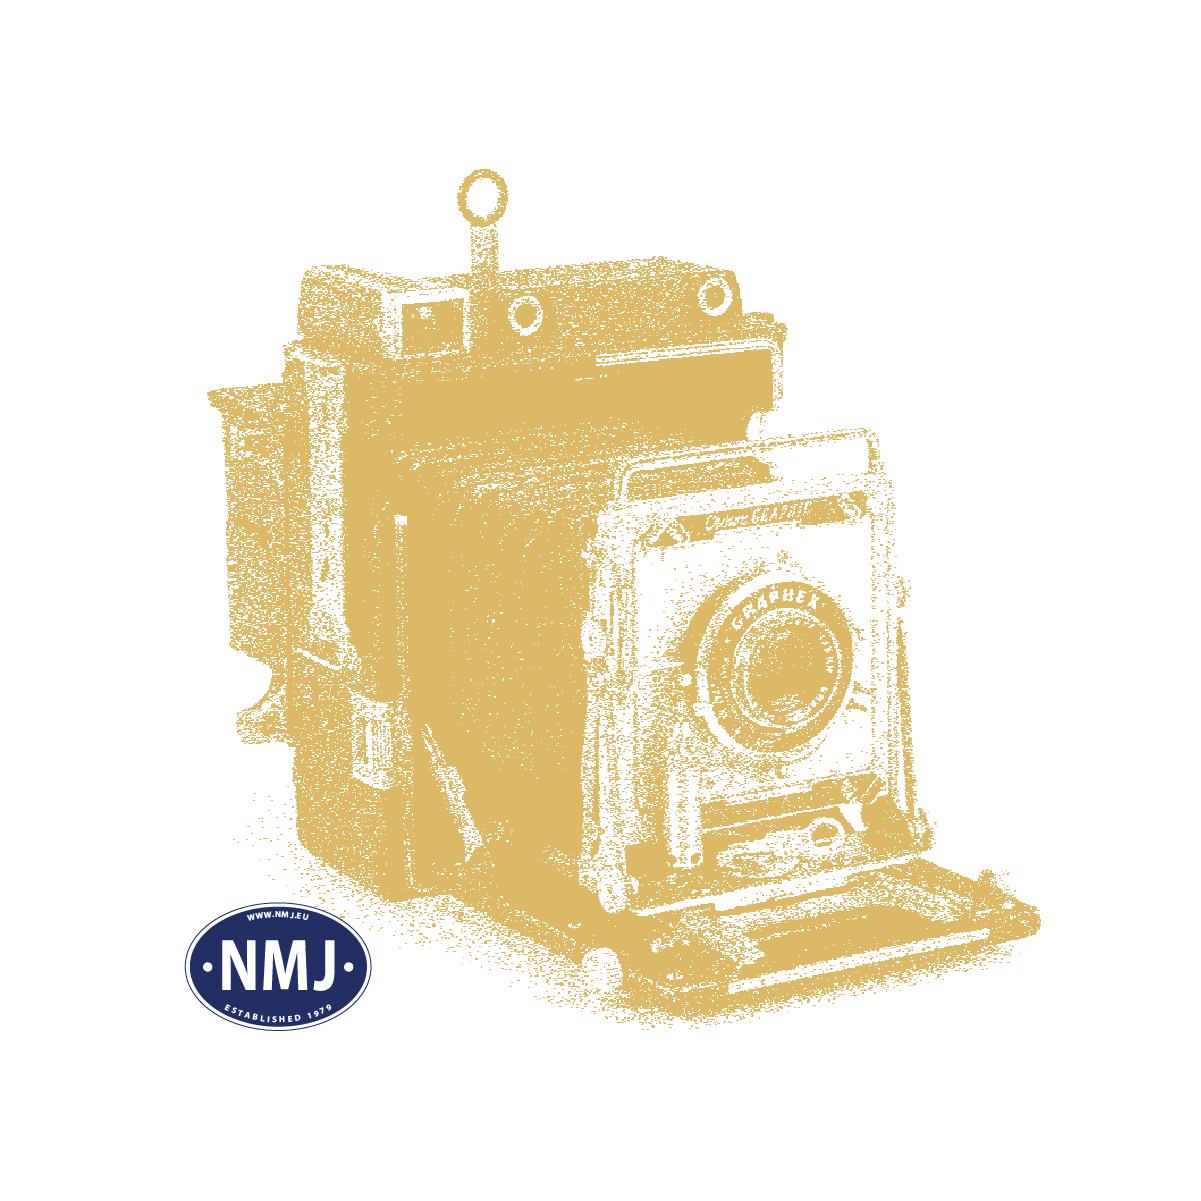 NJKSL15 - Skinnelangs 2015, Bok